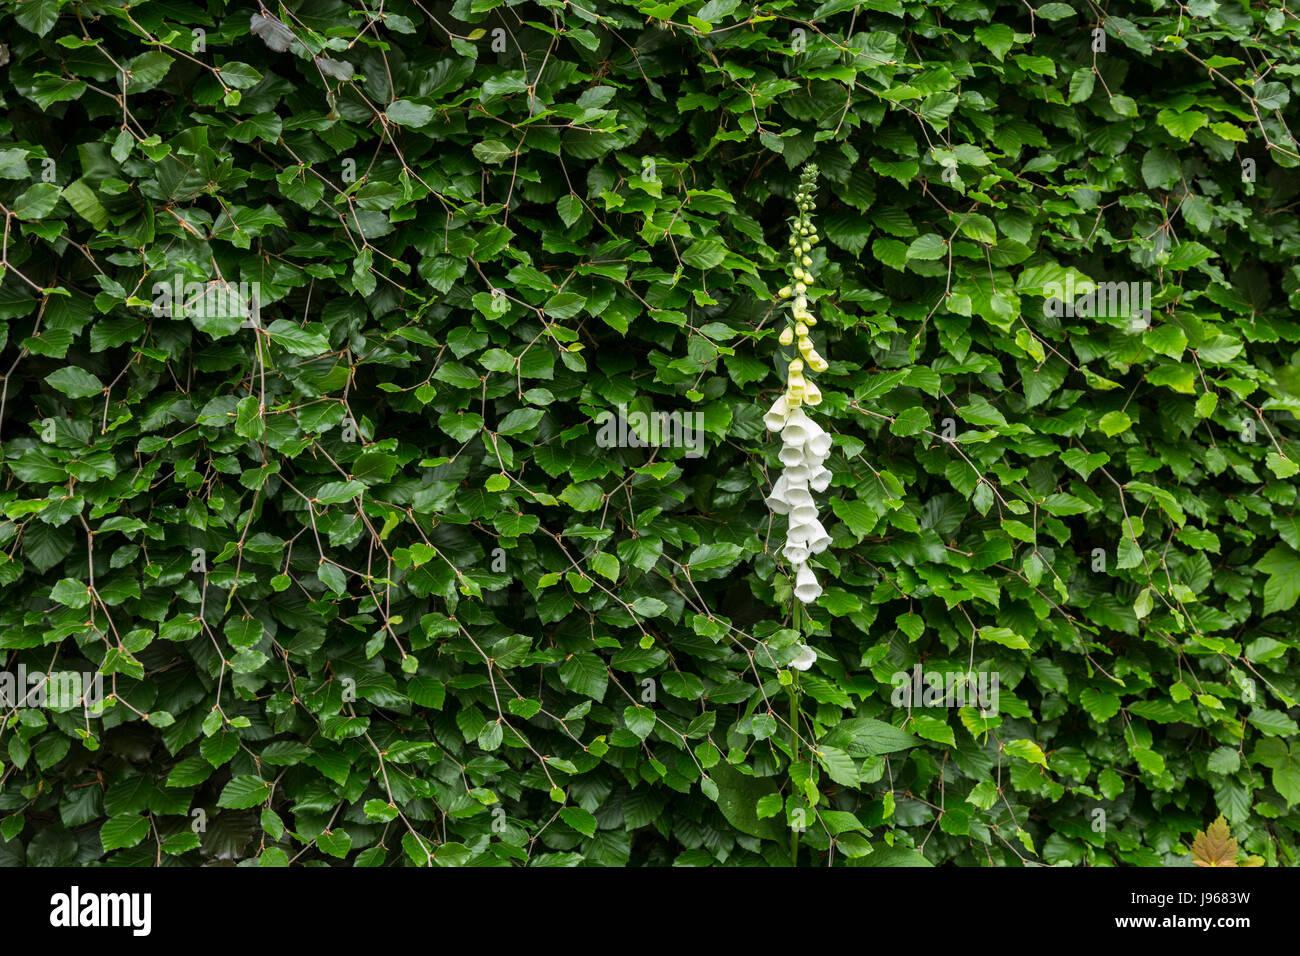 Beech Hedge Fagus Sylvatica Stockfotos & Beech Hedge Fagus